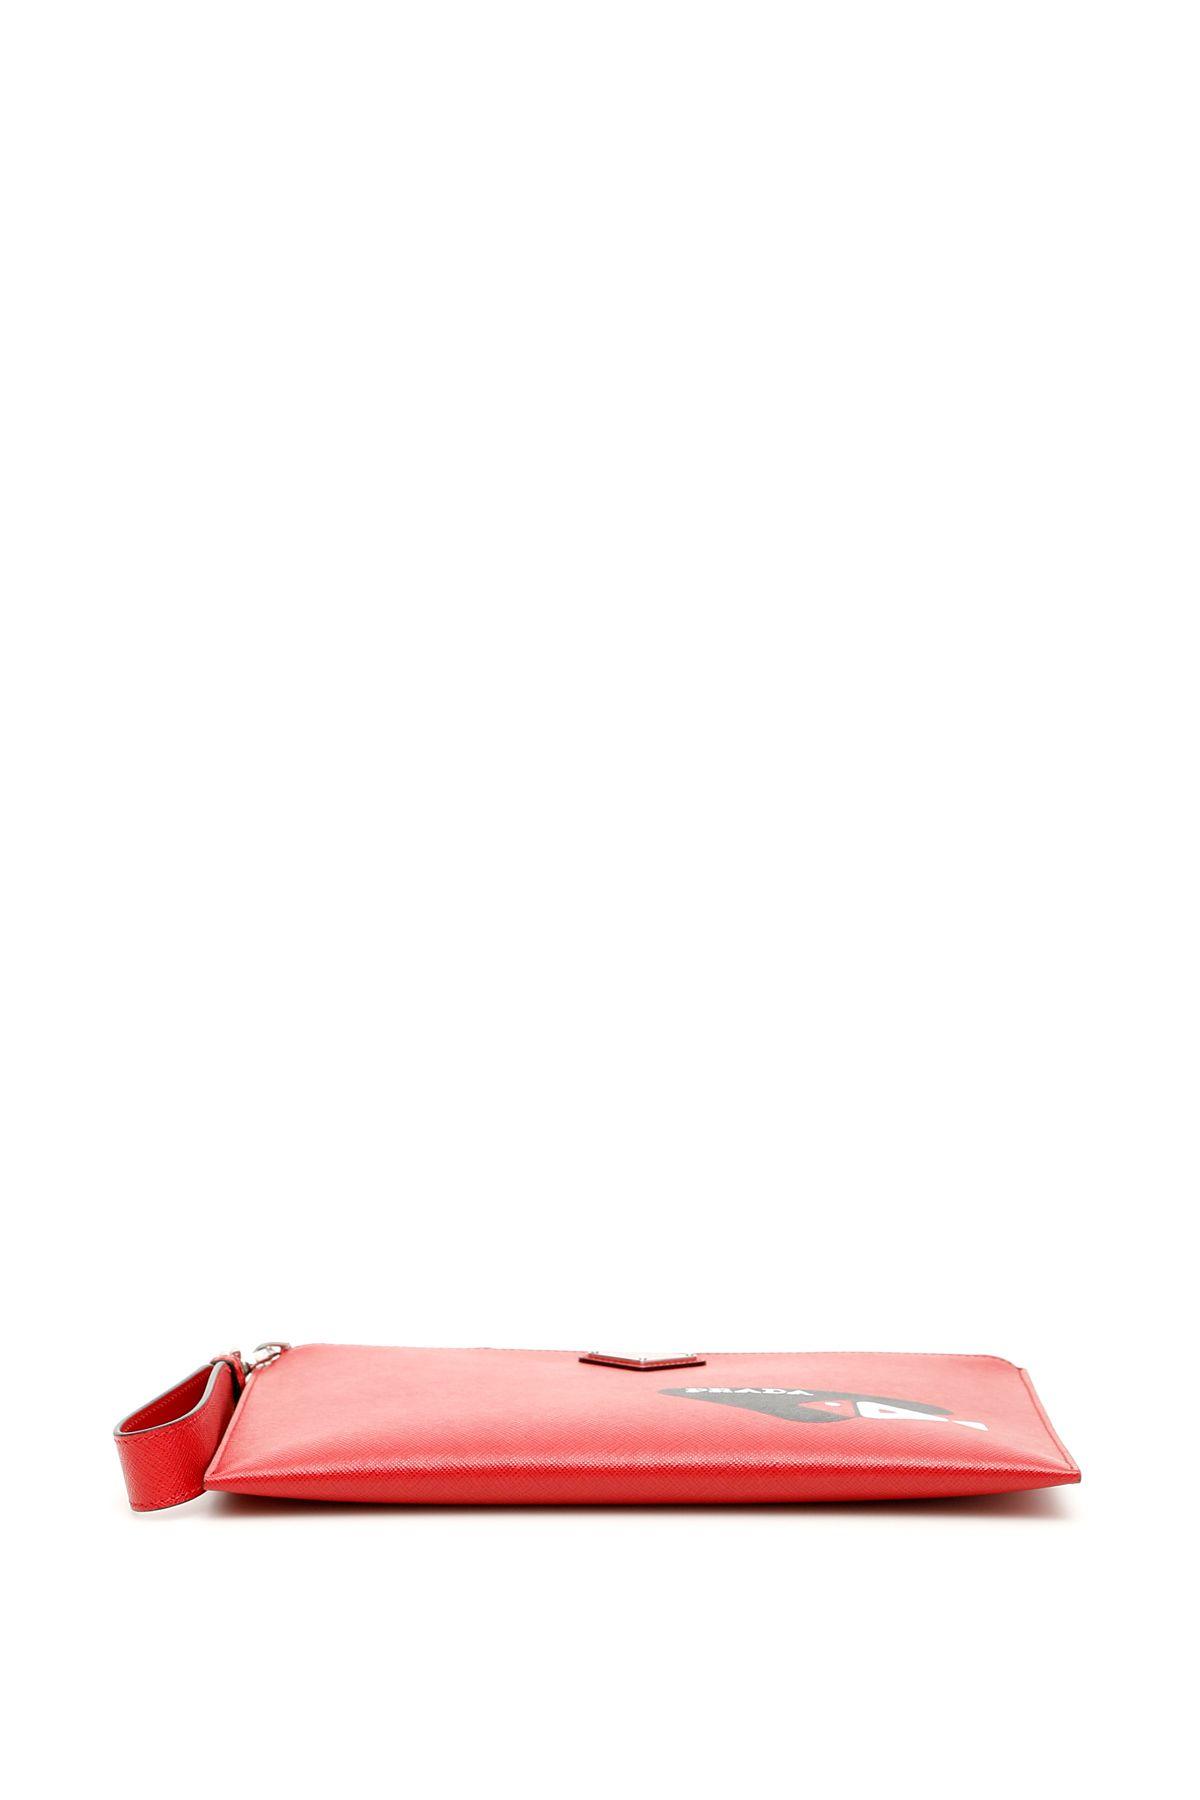 bcdcf7611278 Prada Prada Saffiano Fish Sketch Pouch - FUOCO NERO (Black ...